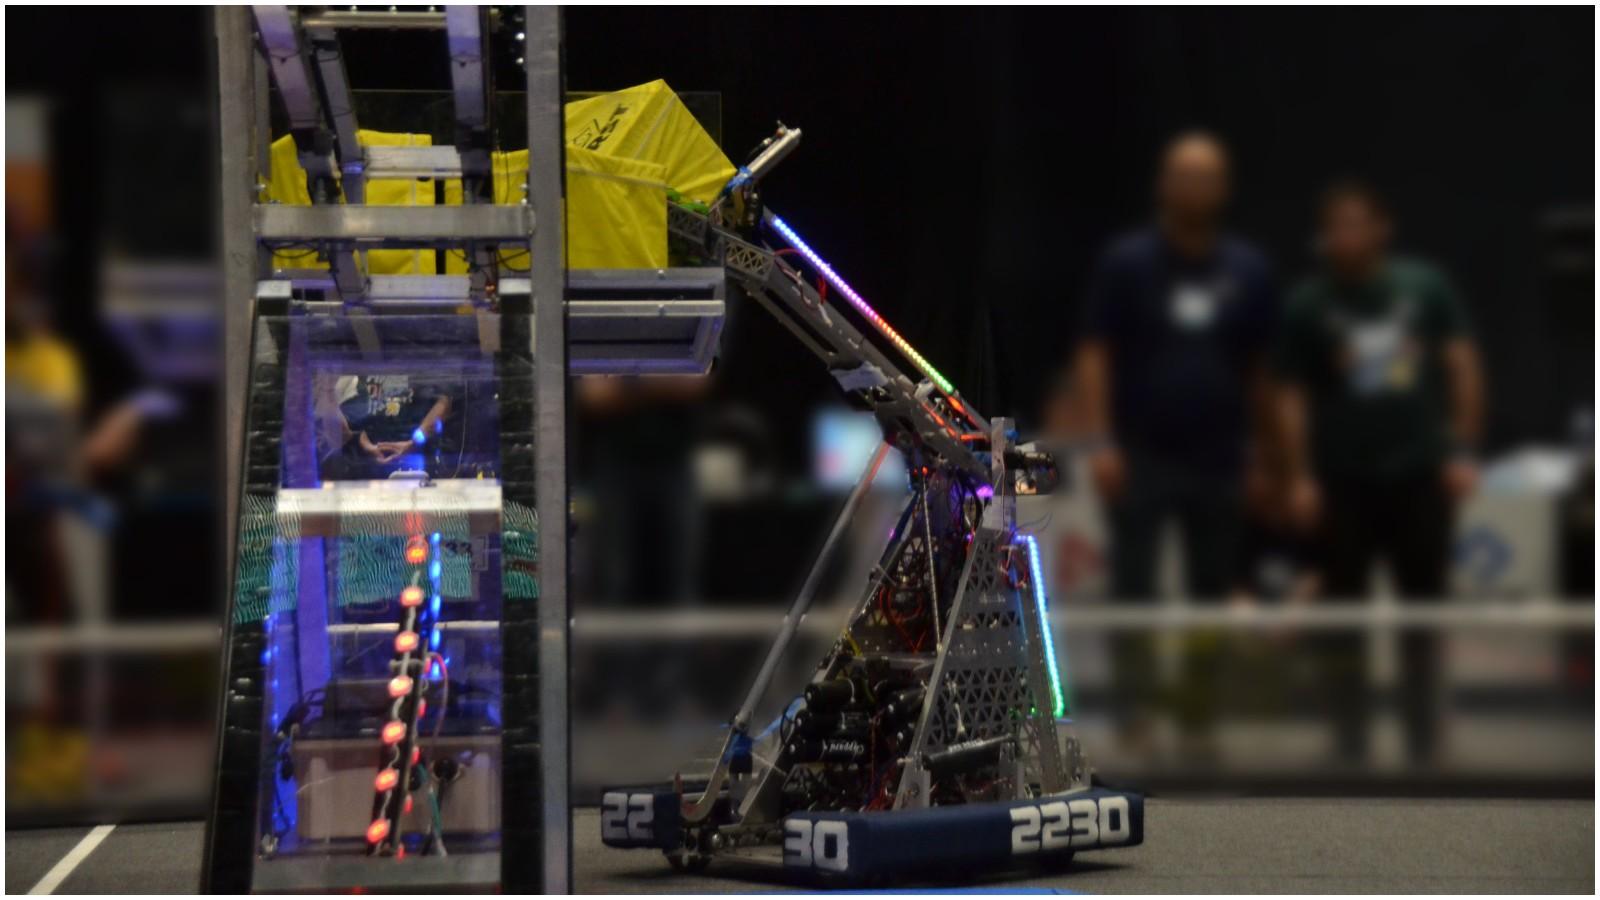 """רובוט של General Angels 2230 באחת התחרויות. צילום: יח""""צ"""